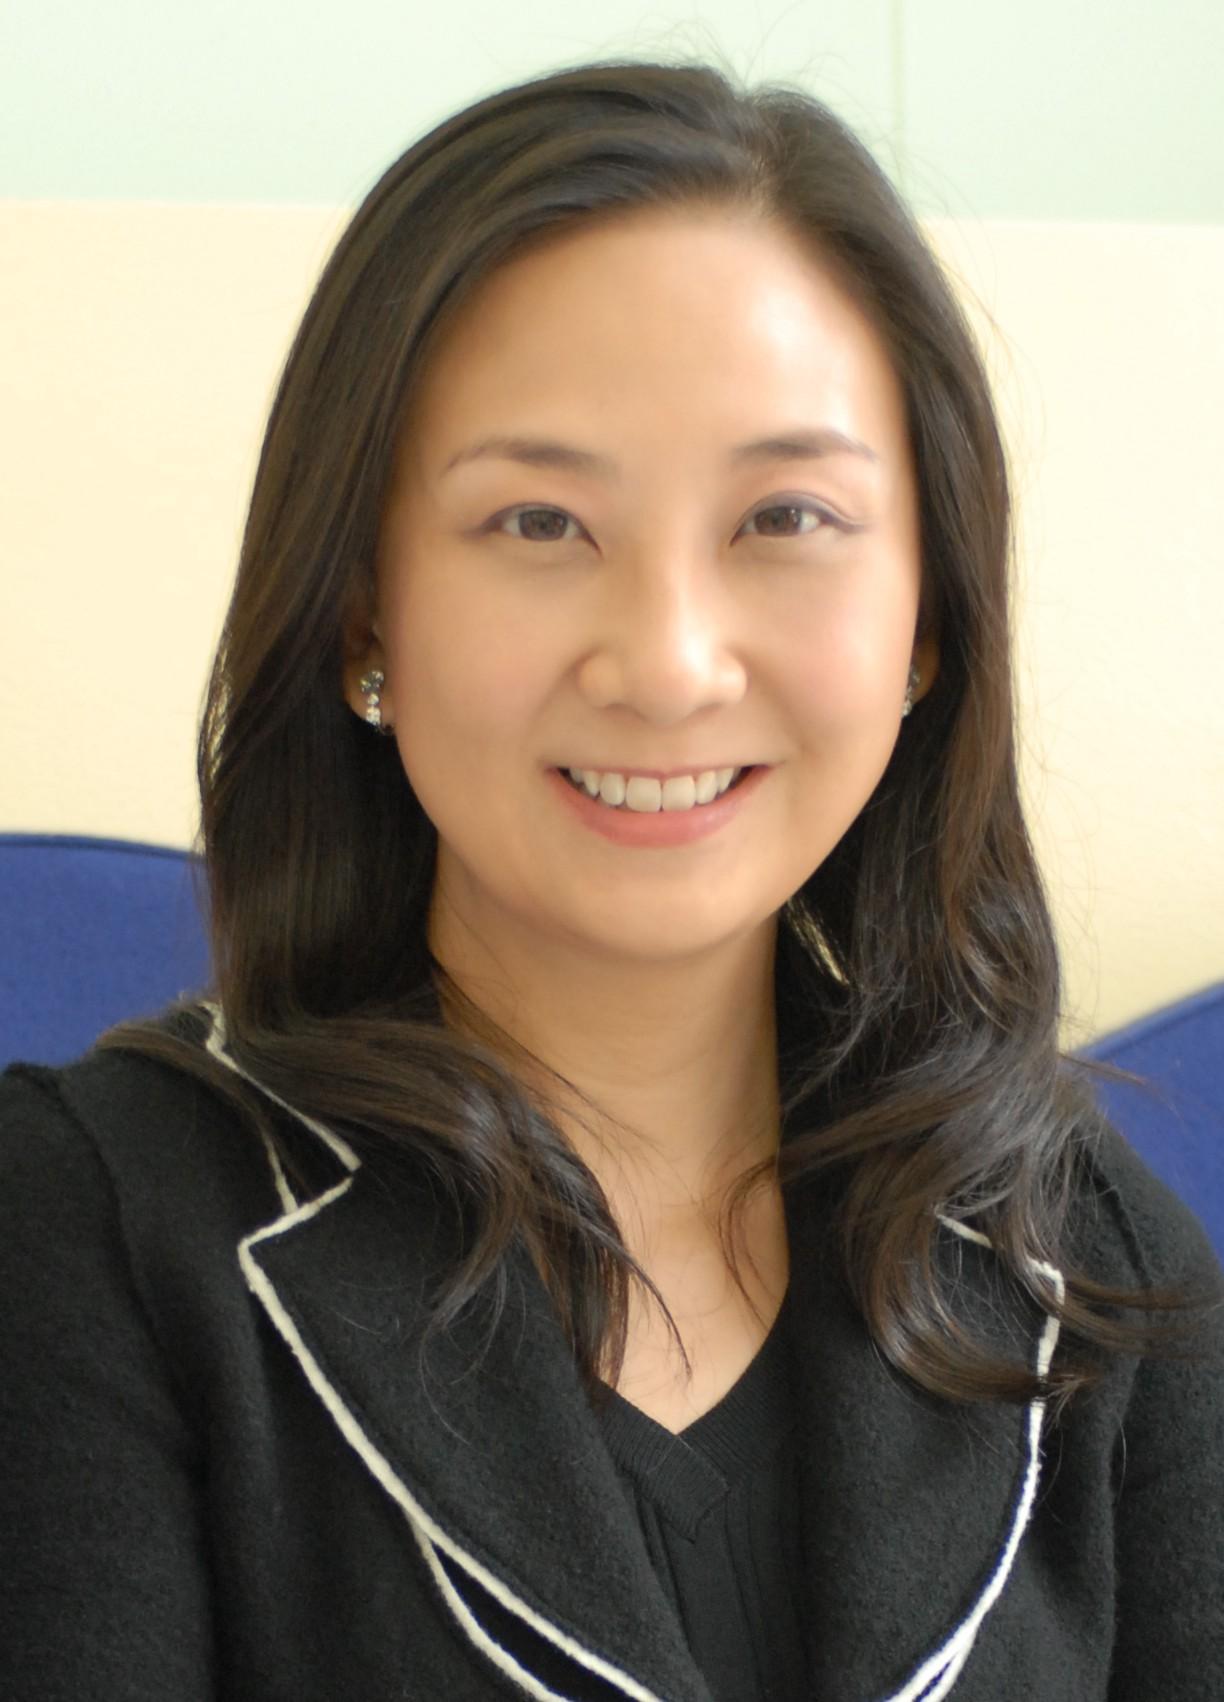 Elizabeth Quat